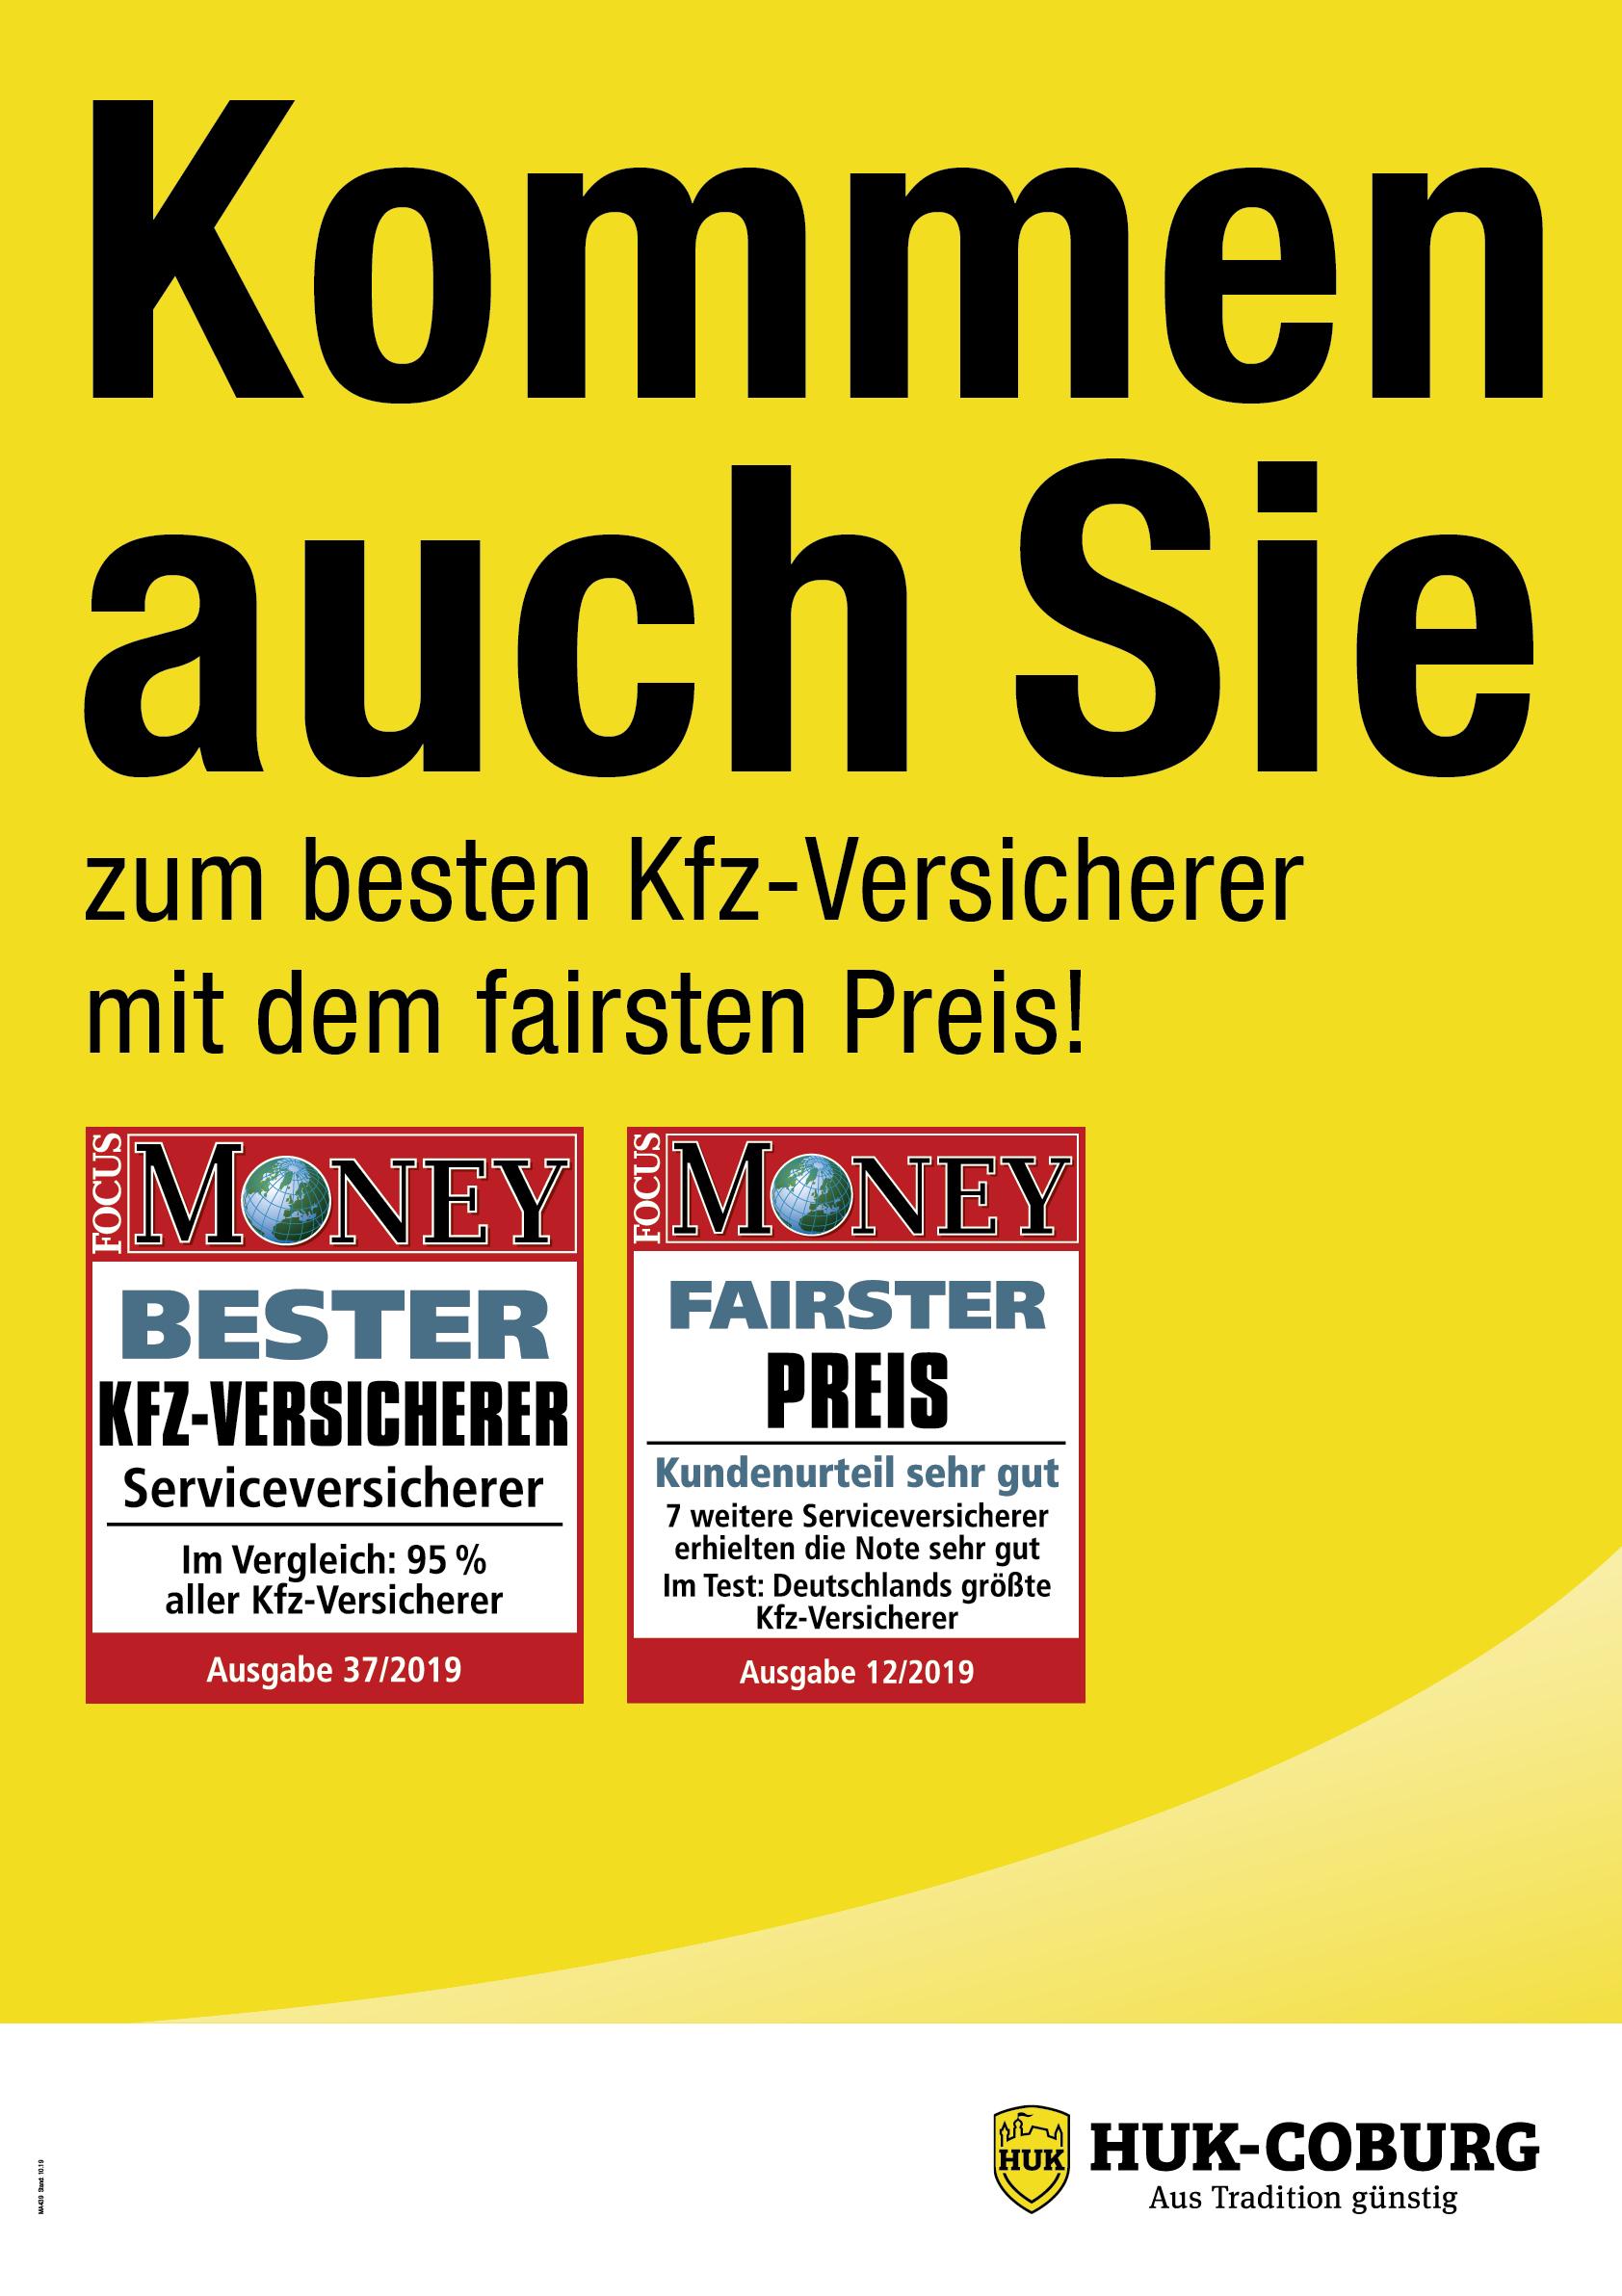 HUK-COBURG Versicherung Kornelia Krumphaar in Karlsruhe - Beiertheim-Bulach